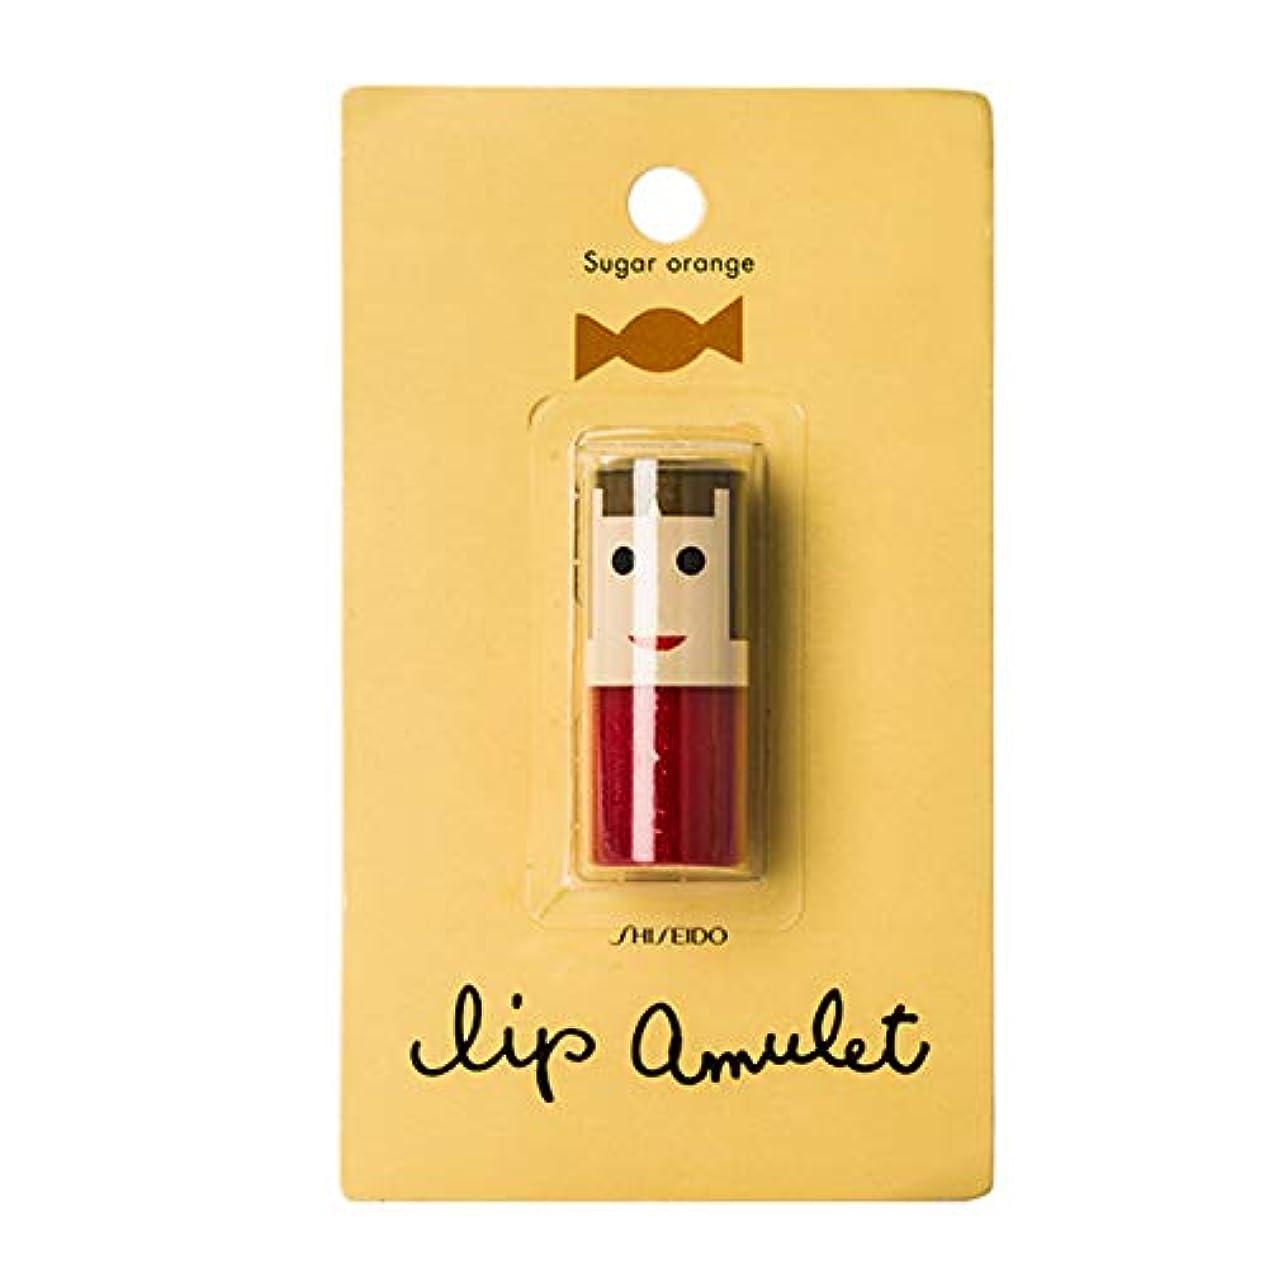 インデックスするよろしく【台湾限定】 資生堂 Shiseido リップアミュレット Lip Amulet お土産 コスメ 色つきリップ 単品 蜜糖橘 (シュガーオレンジ) [並行輸入品]